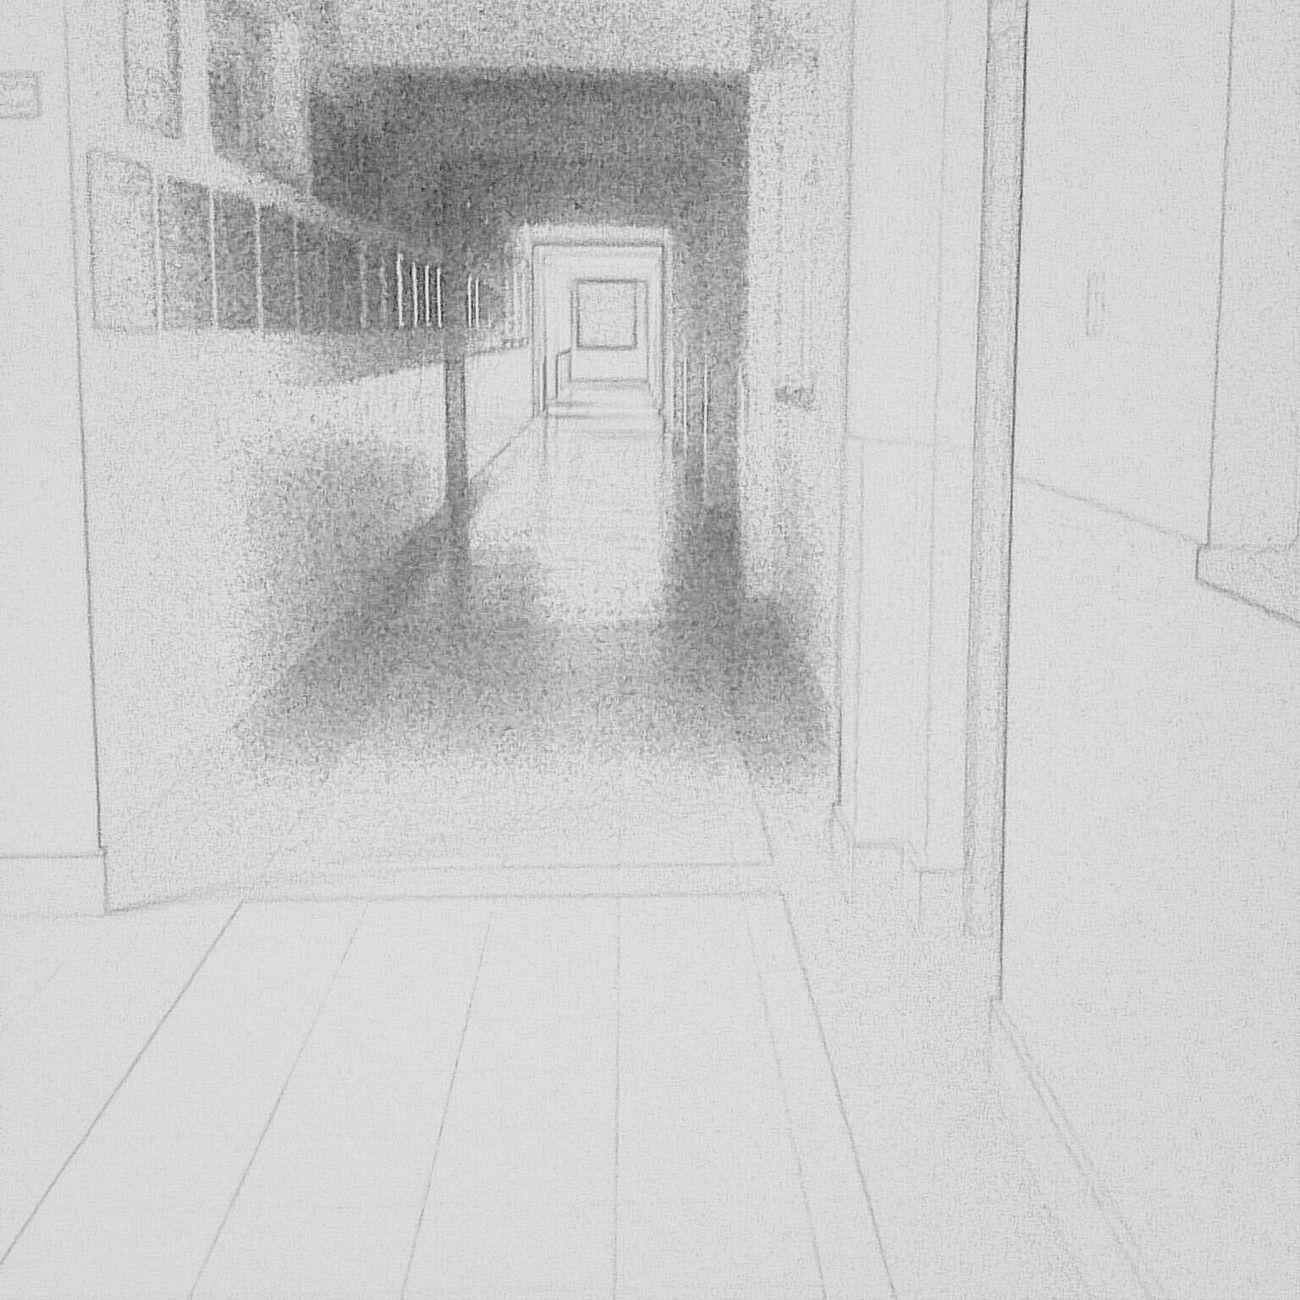 A sketch. Sketch Art My Draw ♥ School Life  Hallway